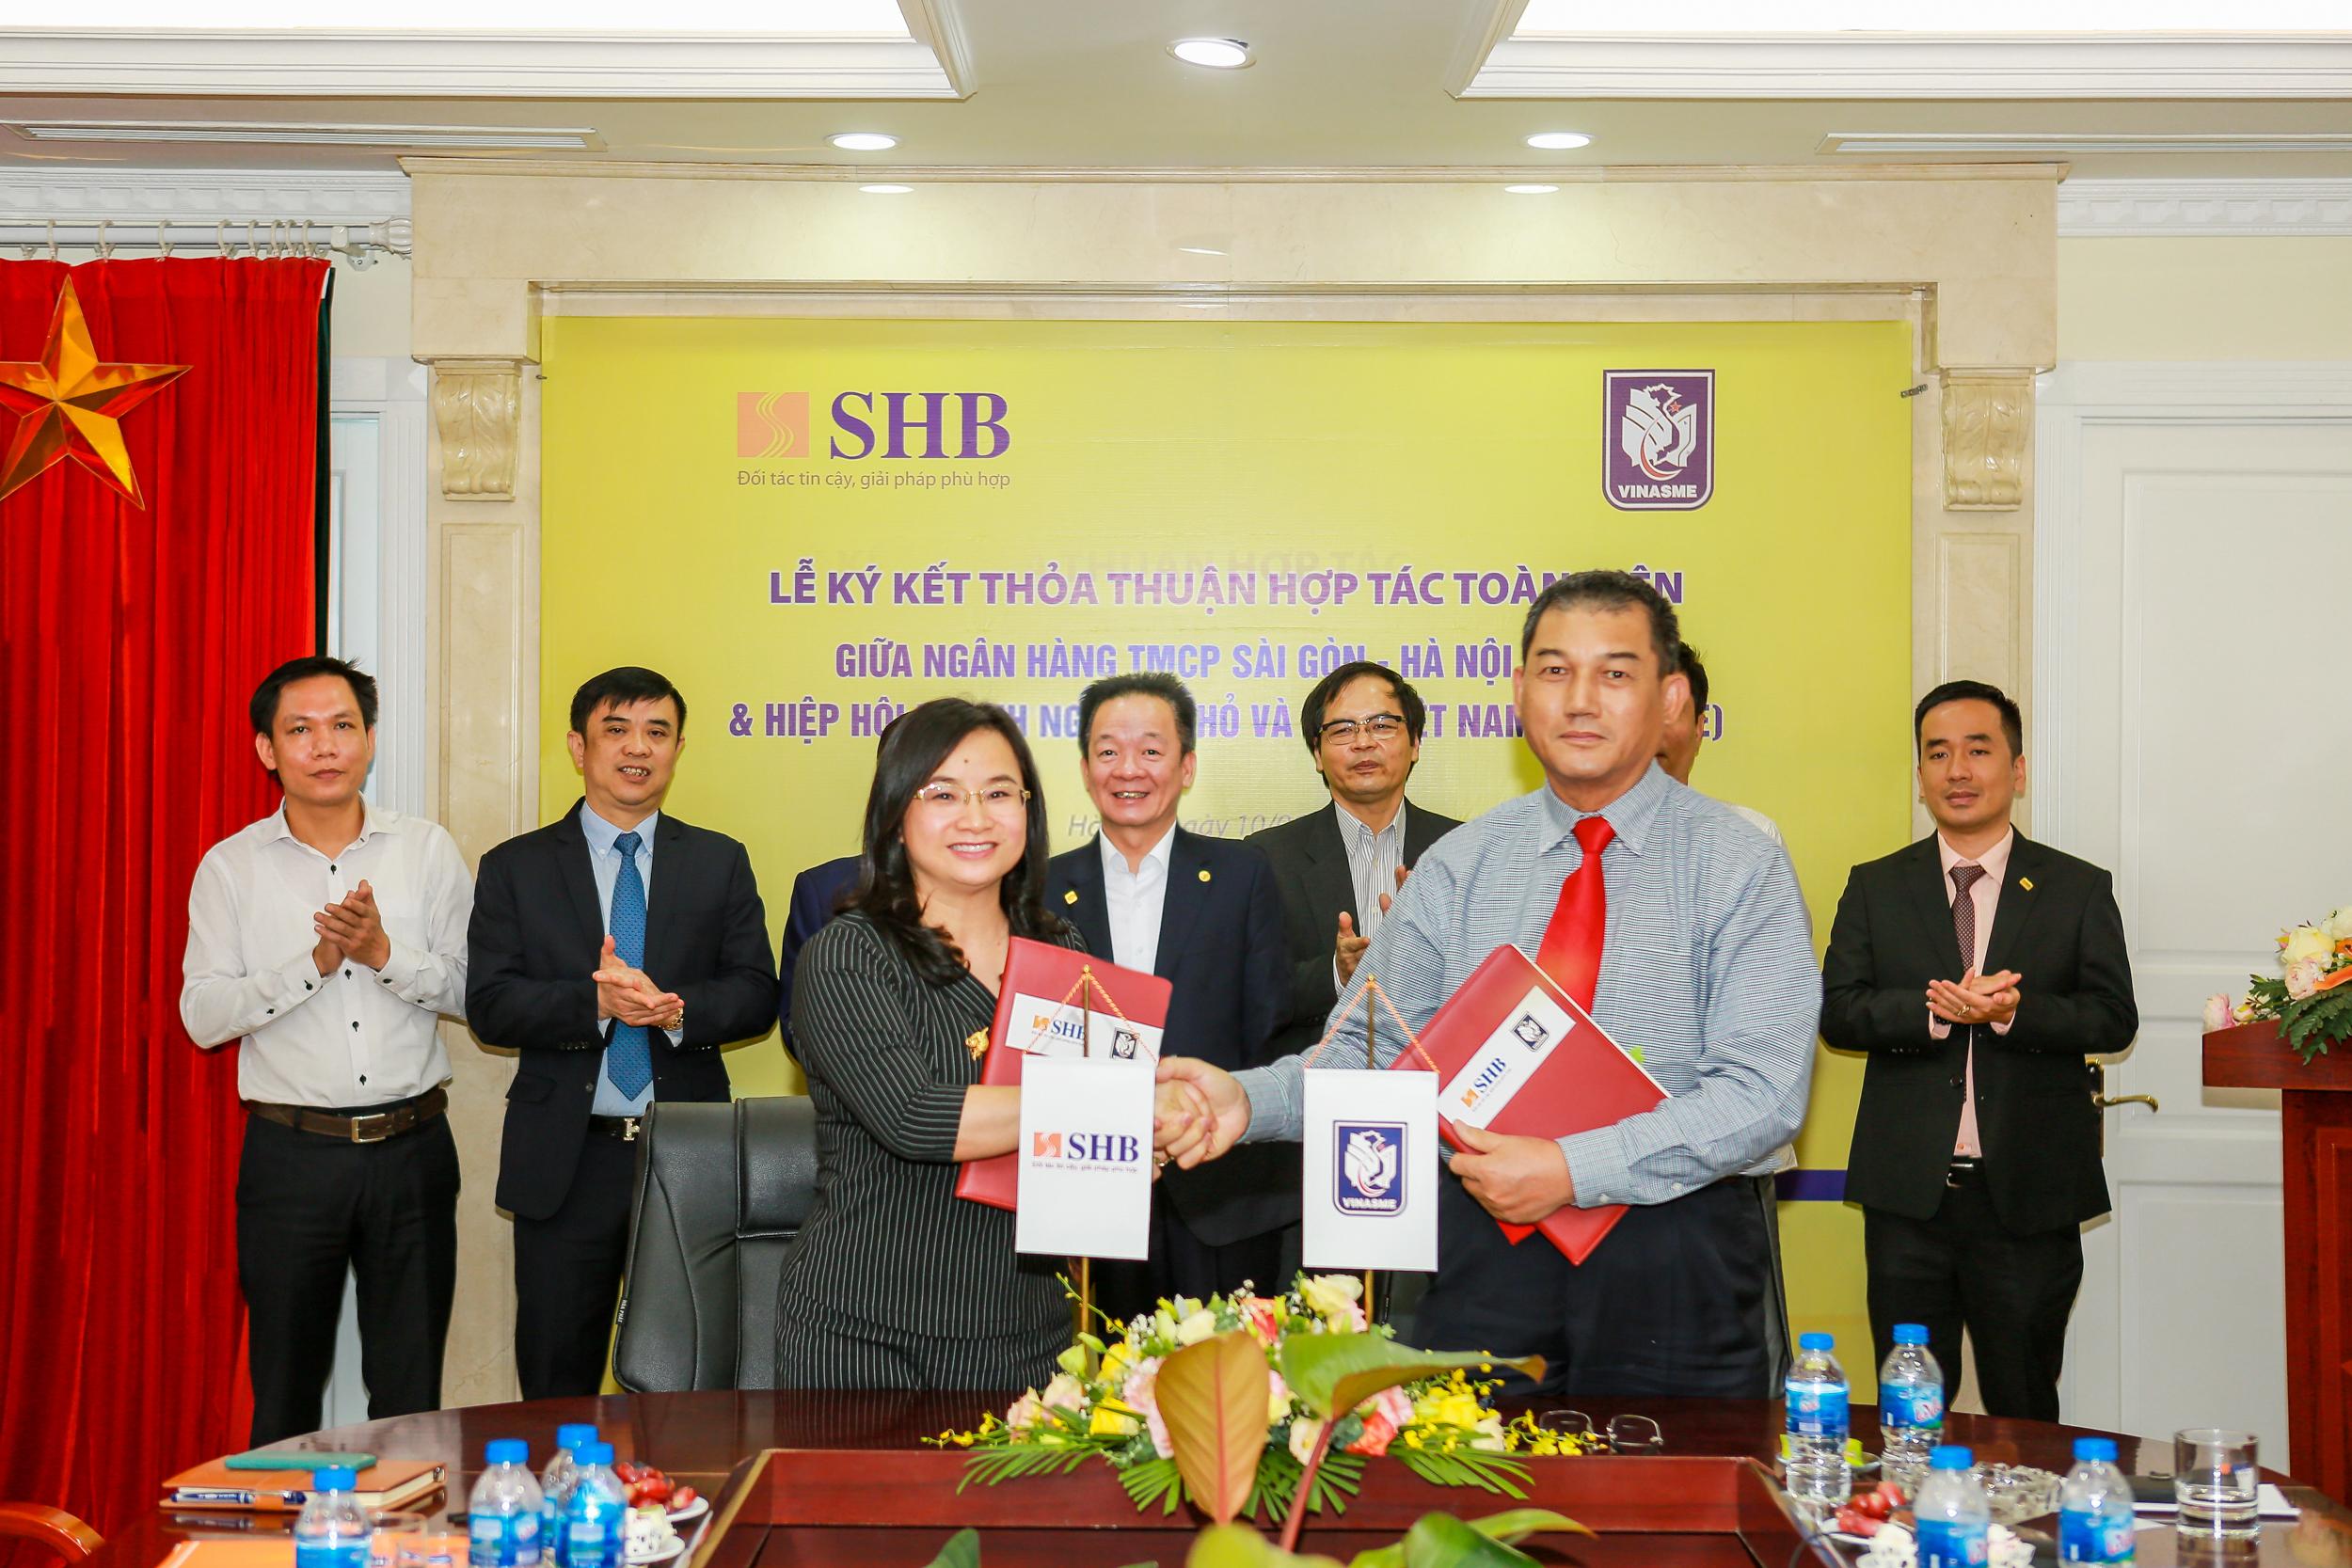 Đồng hành cùng các doanh nghiệp nhỏ và vừa, SHB hợp tác toàn diện với Vinasme - ảnh 1